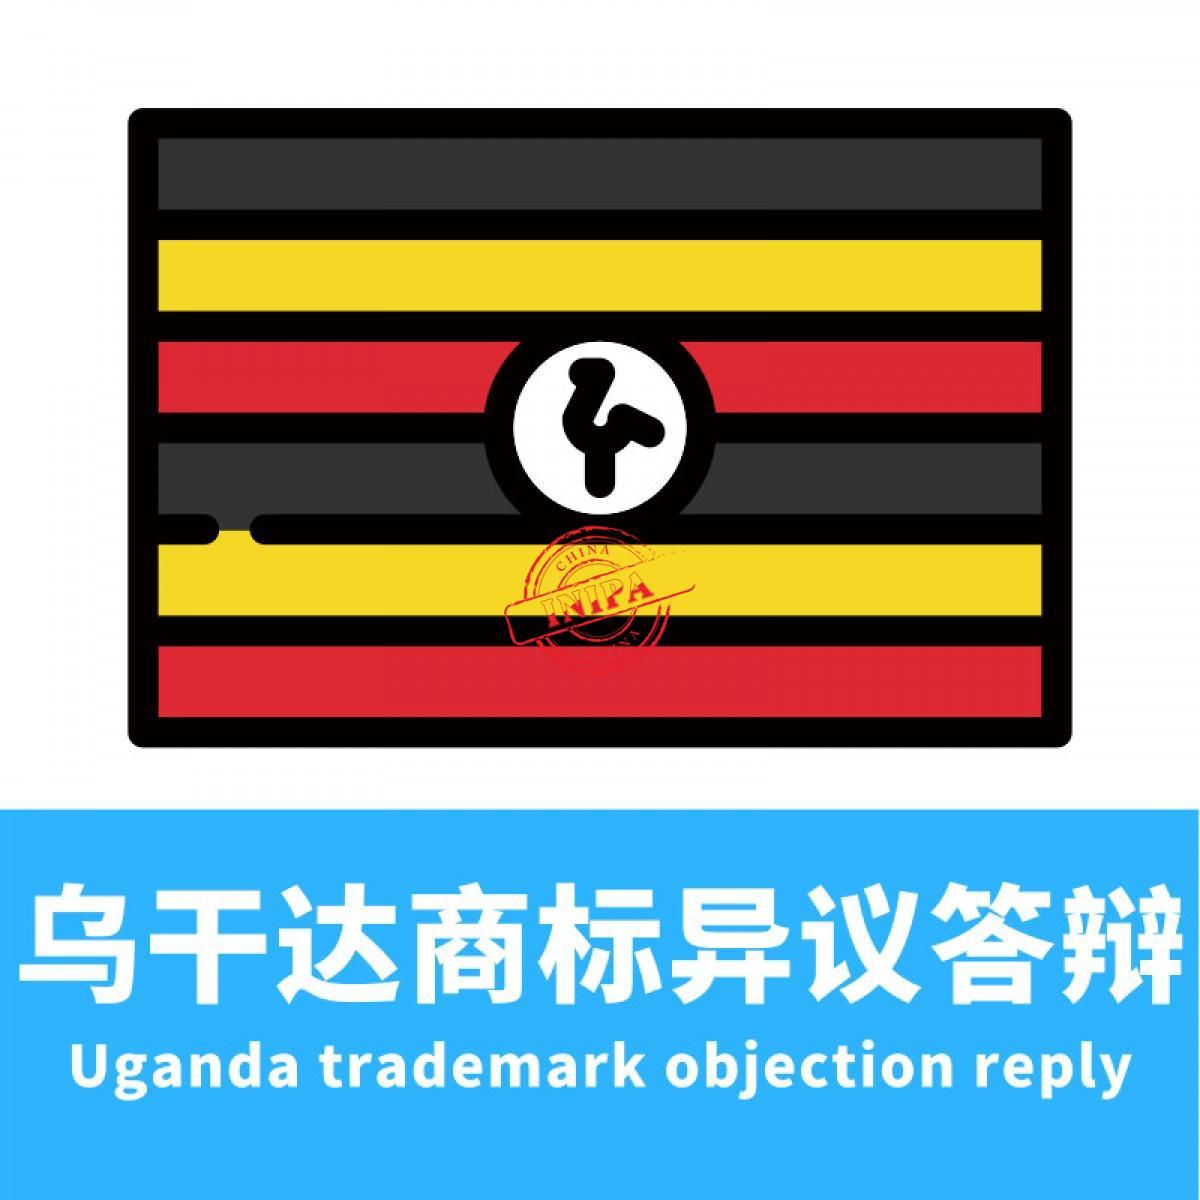 乌干达商标异议答辩/Uganda trademark objection reply